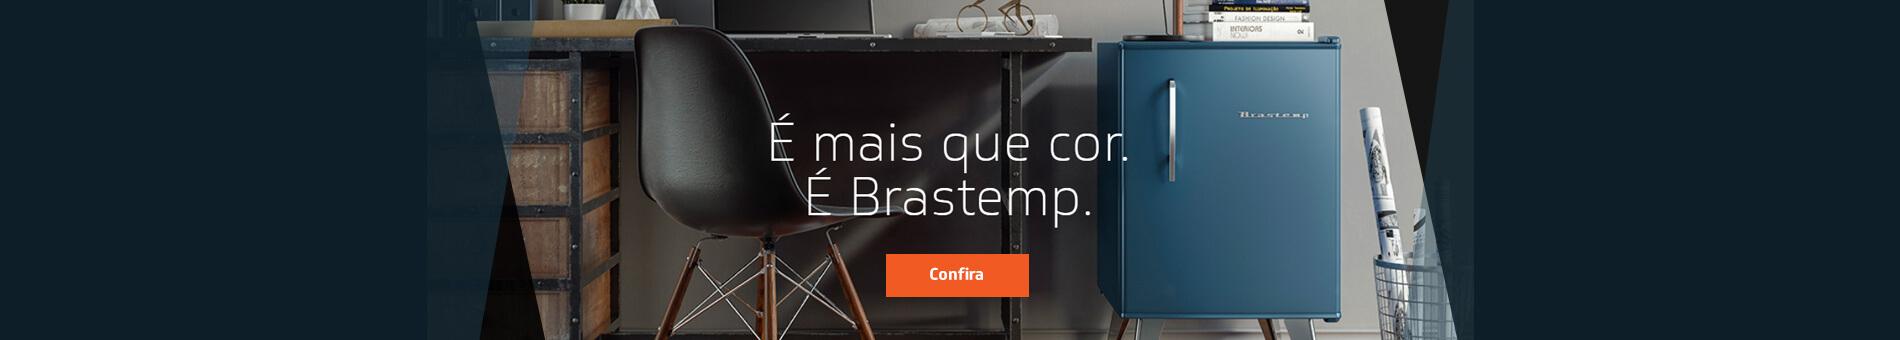 Promoção Interna - 994 - bigsale_retro_home5_17102016 - retro - 5